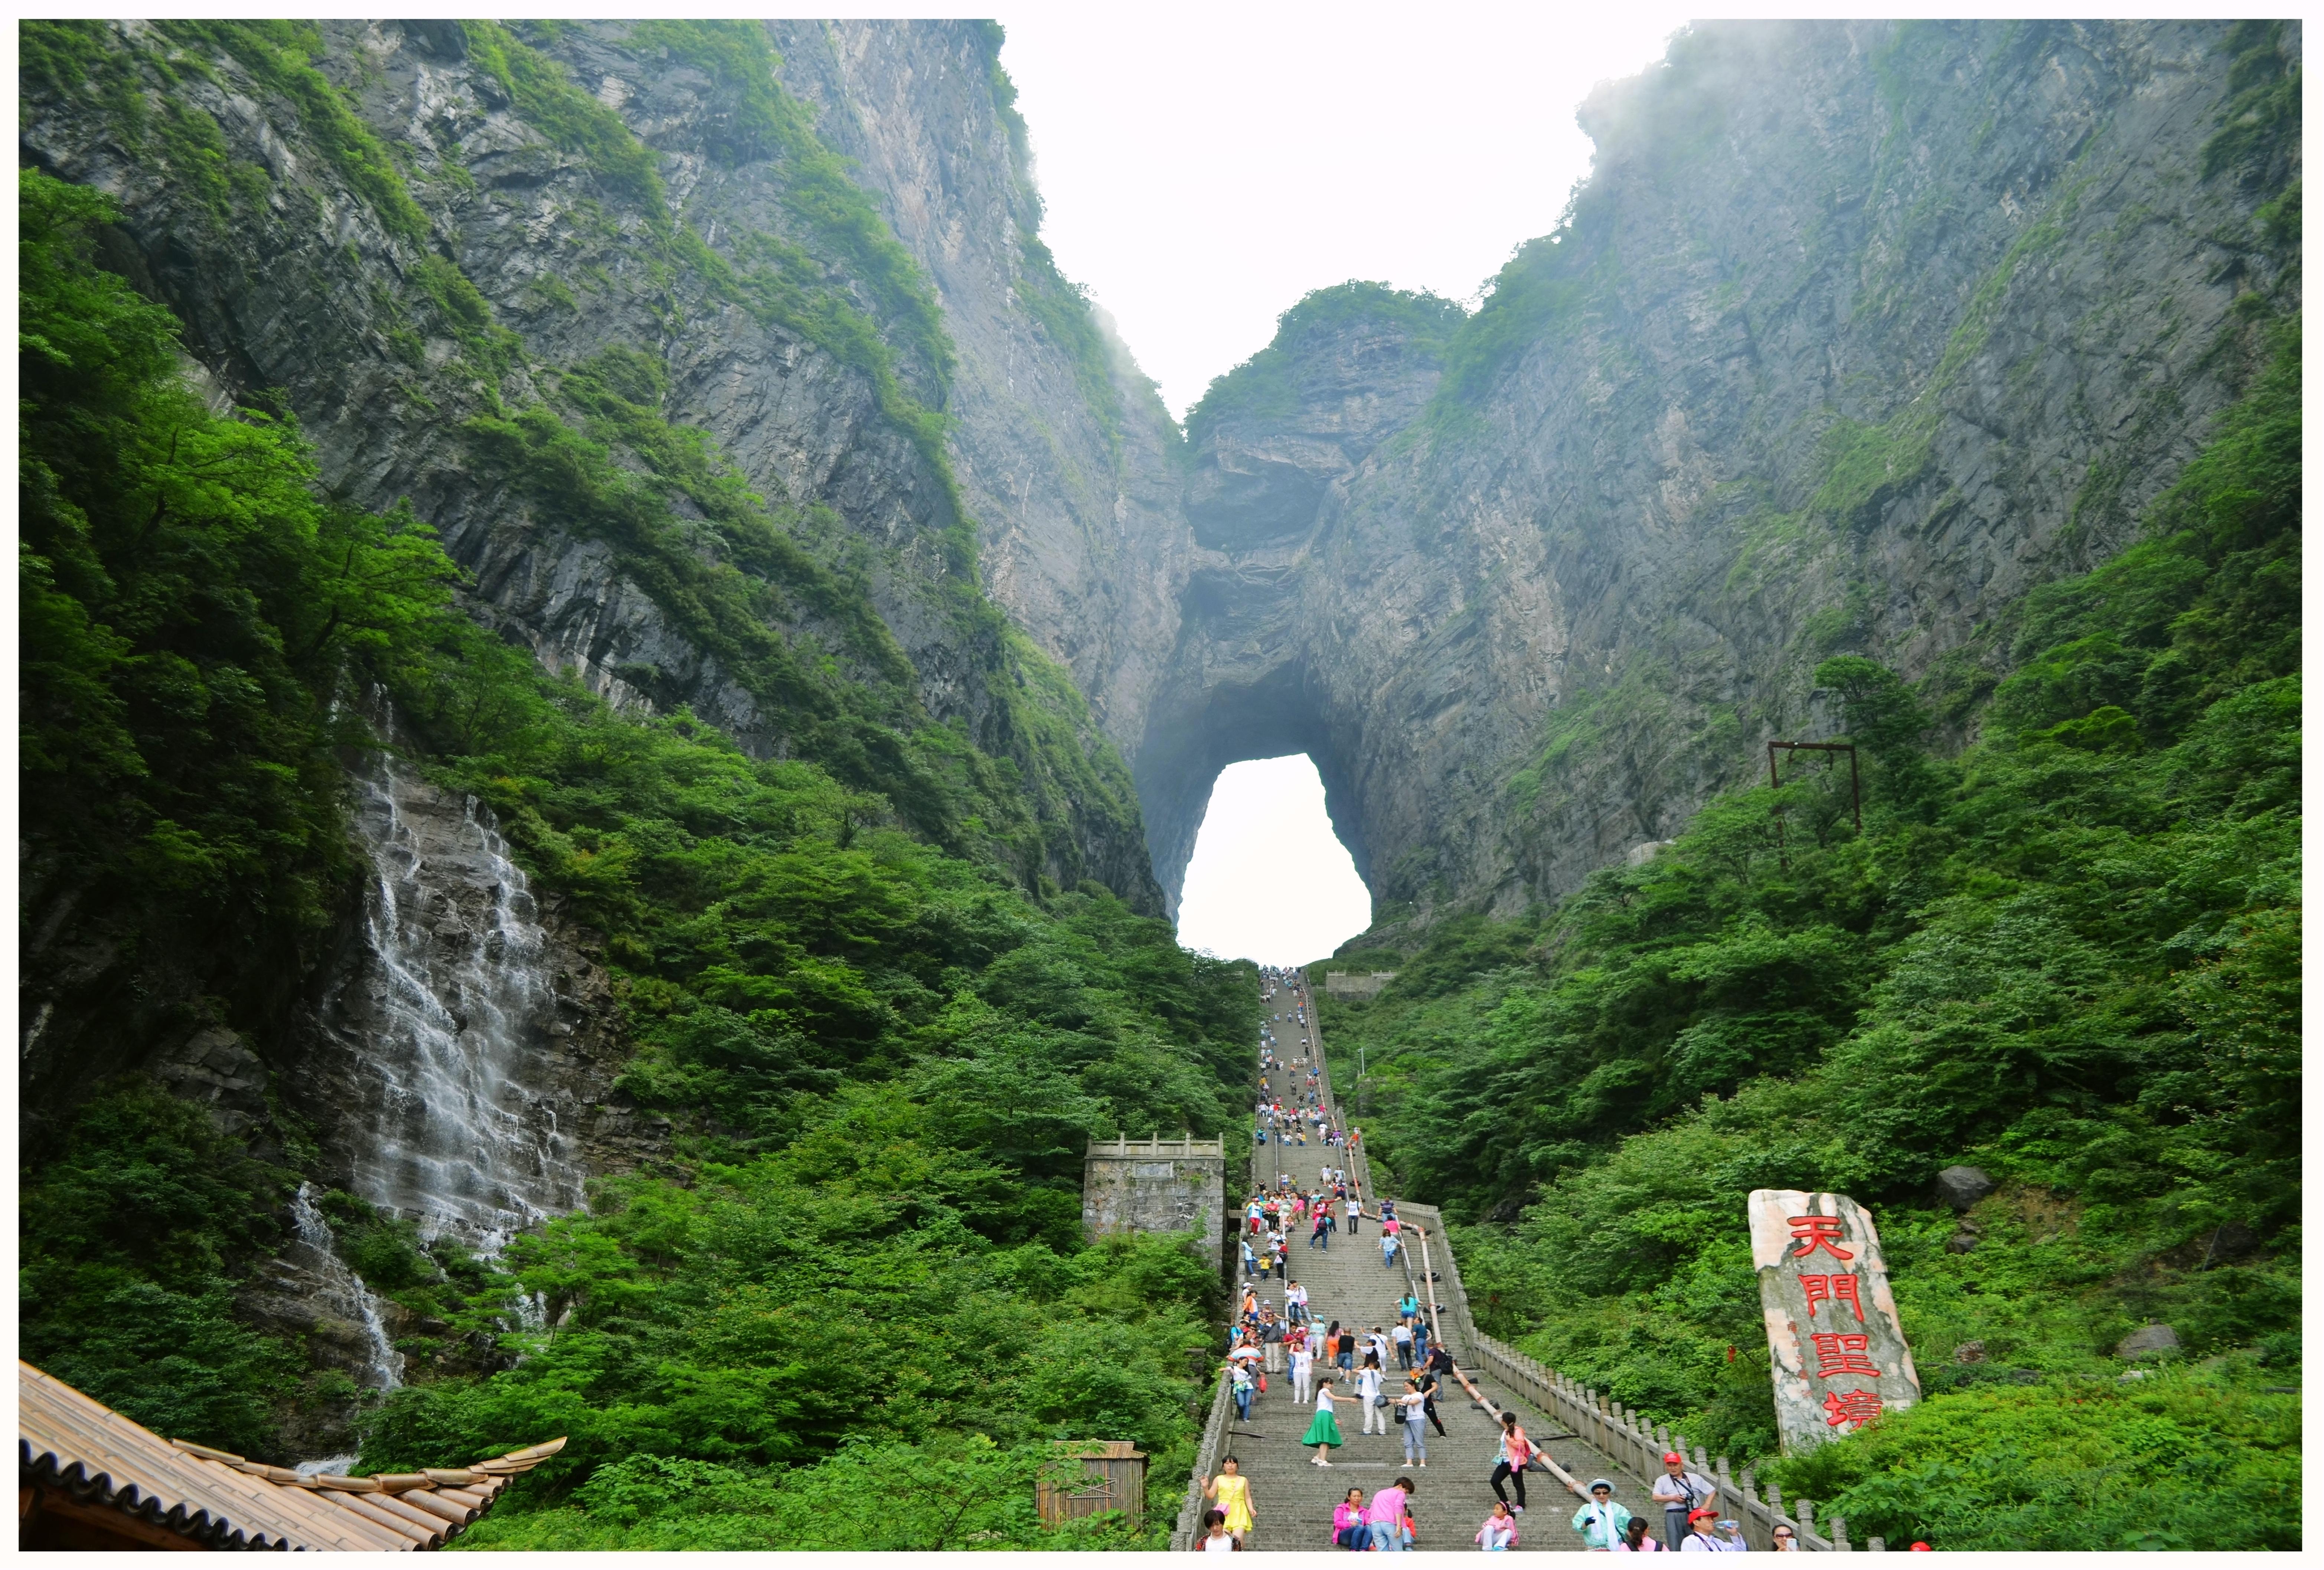 ทัวร์จีน-จางเจียเจี้ย-ฟ่งหวง-สะพานแก้ว-ถ้ำมังกรเหลือง-6-วัน-5-คืน-(-APR-JUL-17)